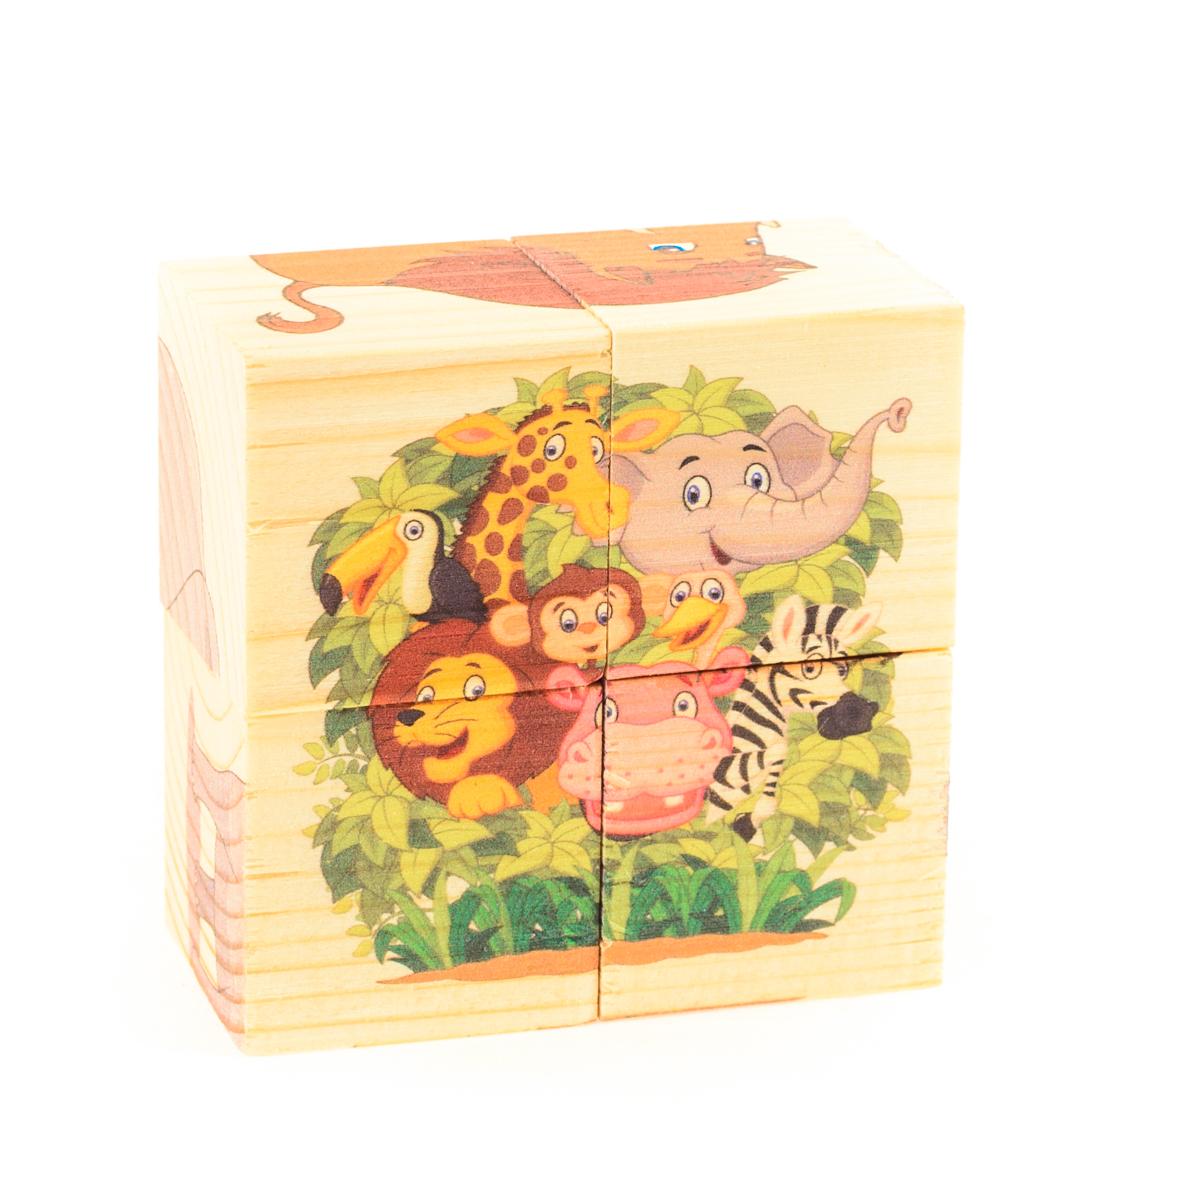 Развивающие деревянные игрушки Кубики ЗоопаркД493аКубики из натурального дерева - любимая игрушка каждого ребенка. Кубики обожают дети. Игру с кубиками в детстве с удовольствием и теплом вспоминают взрослые. Для кубиков серии Развивающие деревянные игрушки используется только натуральное отечественное дерево мягких пород с минимальной обработкой, что позволило максимально сохранить ощущение фактуры дерева и его аромата. Яркие, контрастные и понятные ребенку иллюстрации нанесены экологичными красками. Кубики из дерева - не только прекрасный строительный материал для вполощения детских фантазий, но и удобное пособие для развития зрительной памяти, логики и мелкой моторики у детей. Объясните ребенку, что на каждой грани кубика нанесена часть картинки, а если 4 картинки собрать вместе, получится изображение. Покажите ему пример. С помощью набора Собери рисунок. Кубики-пазл. ЗООПАРК можно собрать 6 разных изображений животных из зоопарка. ВНИМАНИЕ! Детали игрушки выполнены из натурального дерева (деревоматериала) без покрытия лаками...